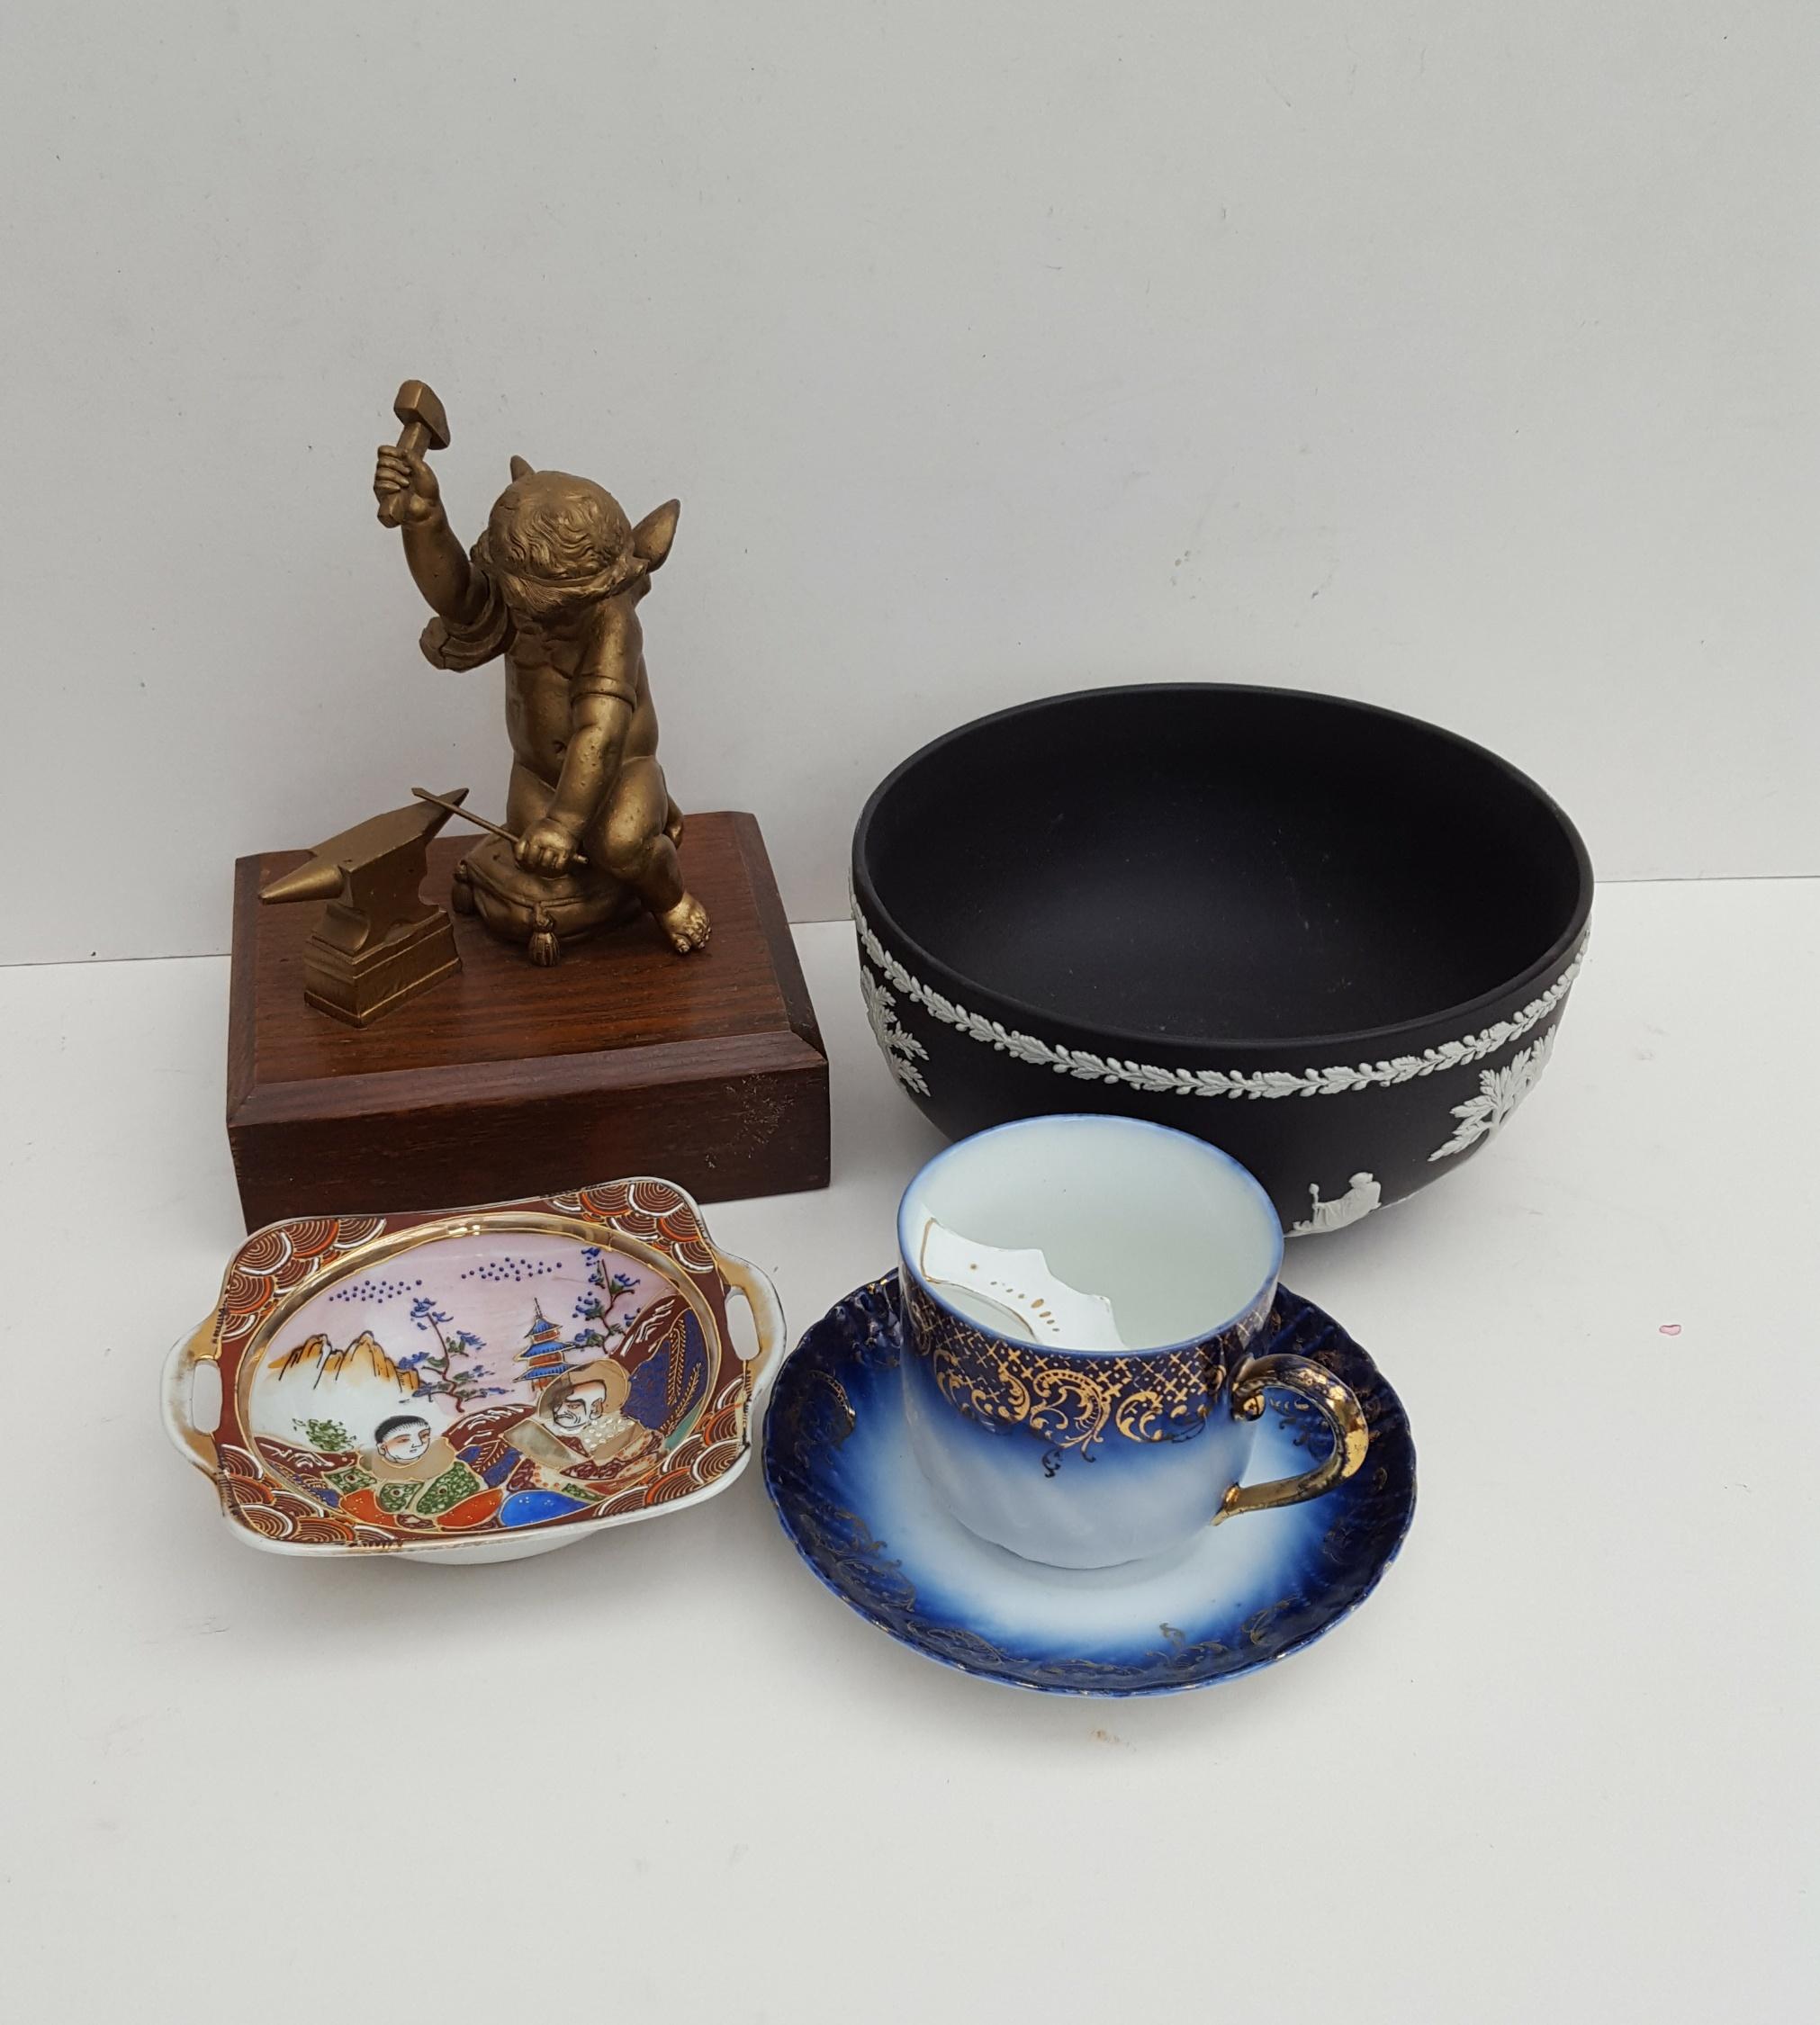 Lot 37 - Vintage Retro Items Black Wedgwood Jasper Bowl Flow Blue Moustache Cup & Brass Figure NO RESERVE